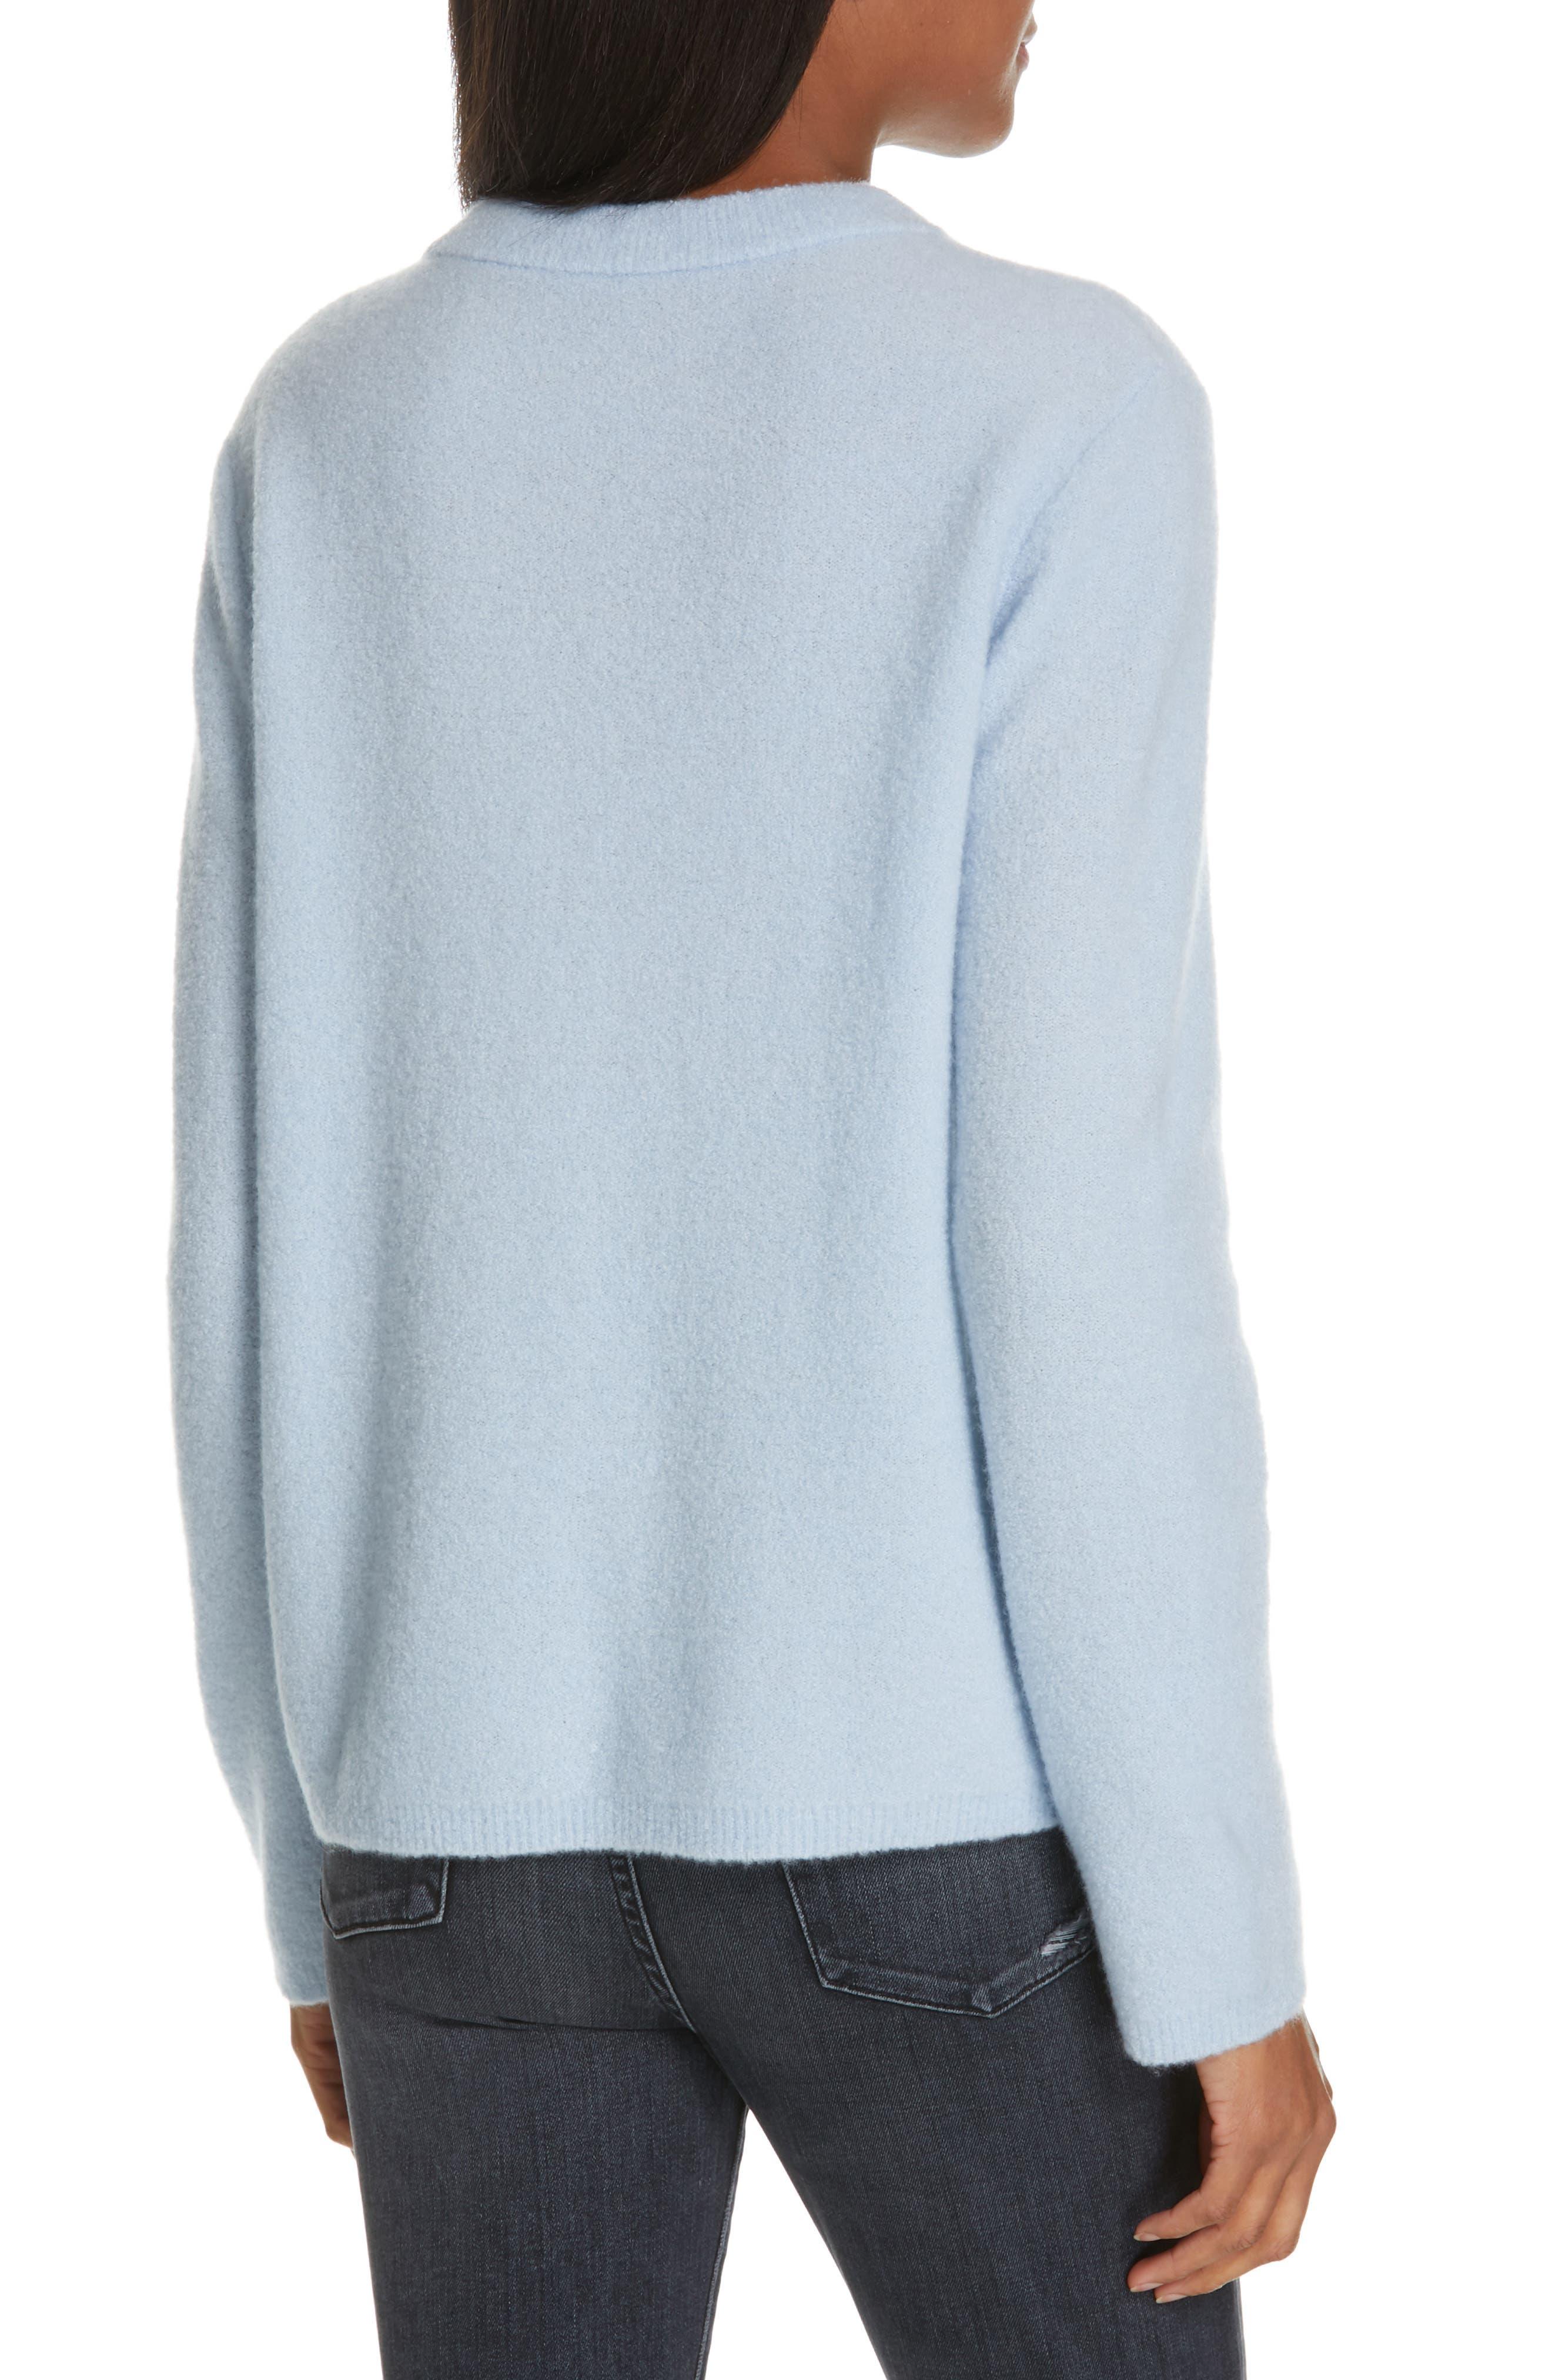 NORDSTROM SIGNATURE, Cashmere Blend Bouclé Sweater, Alternate thumbnail 2, color, BLUE CASHMERE